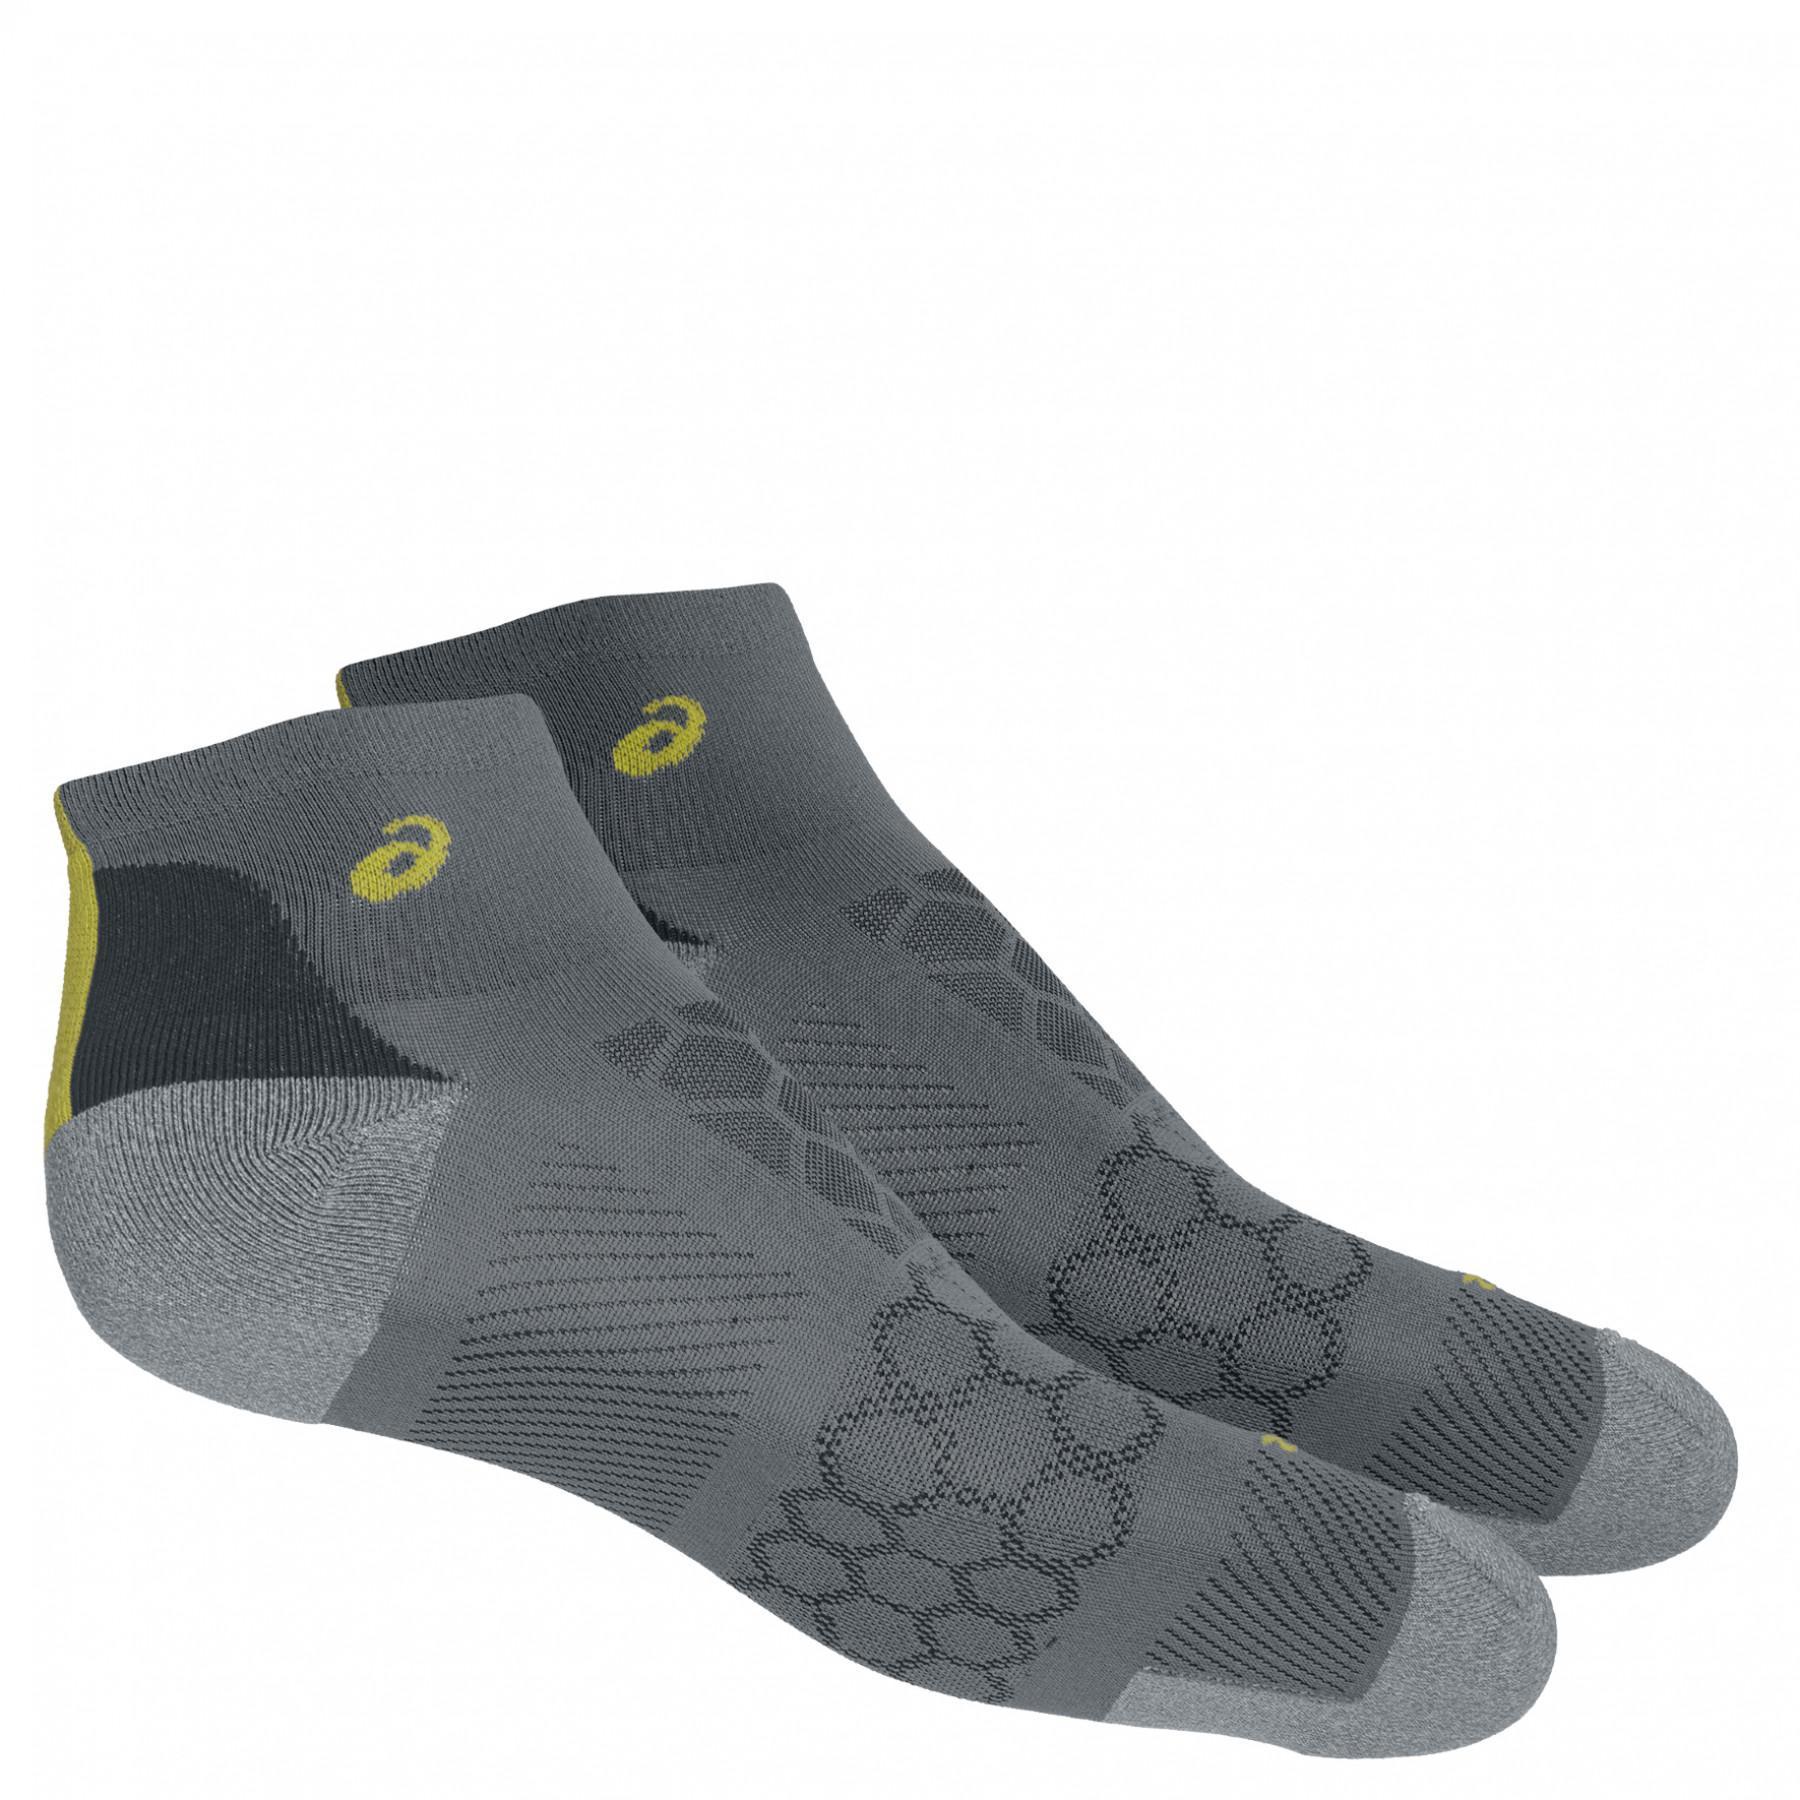 Socks Asics Speed quarter